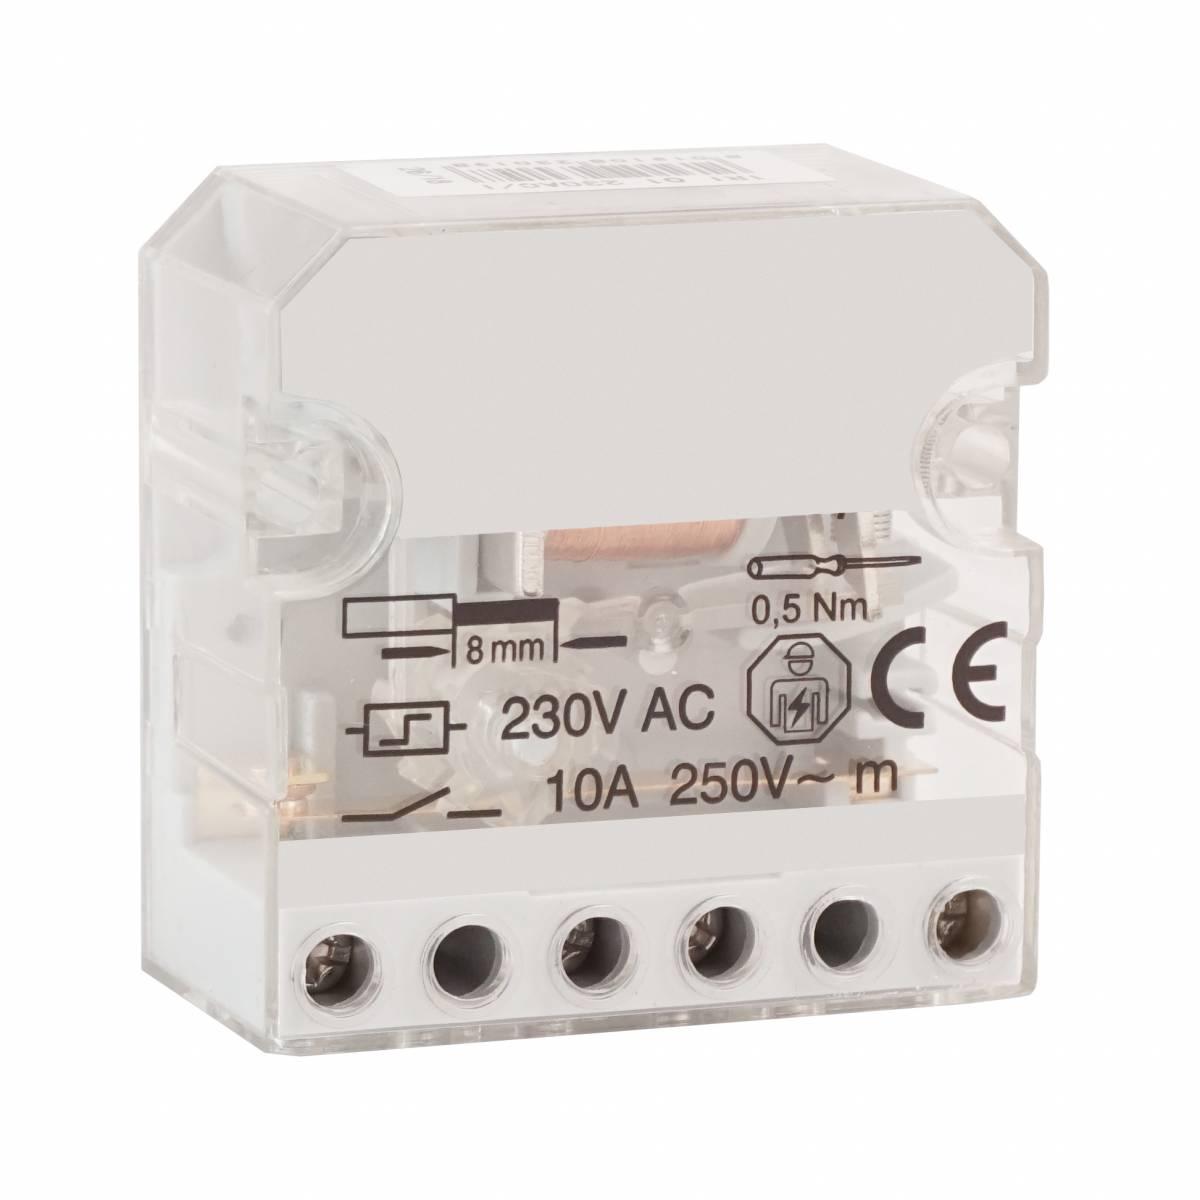 Impulse Relay, 230VAC, 1 Contact, 10A